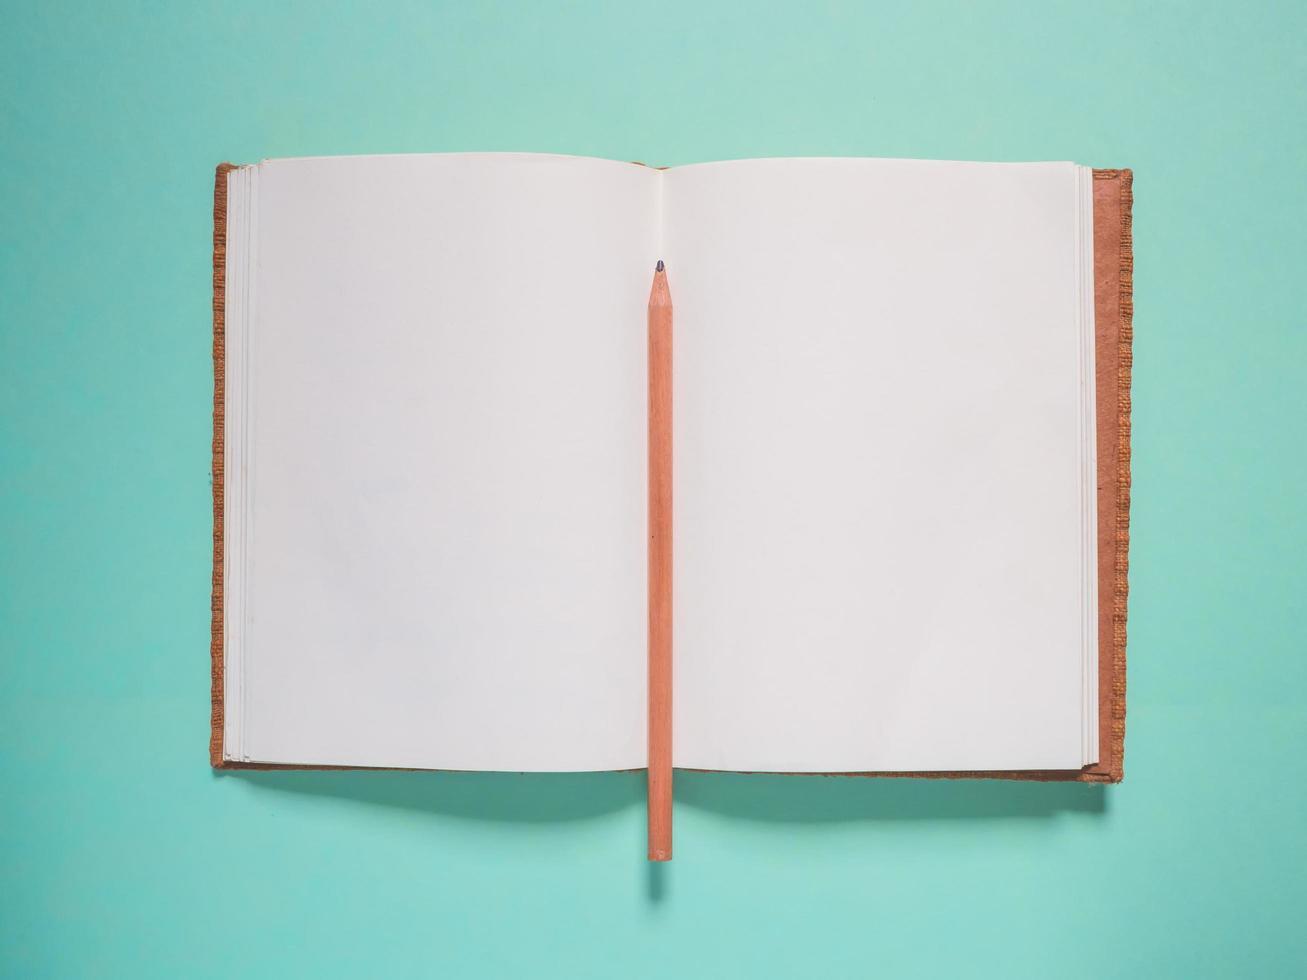 cahier d'école avec un crayon photo